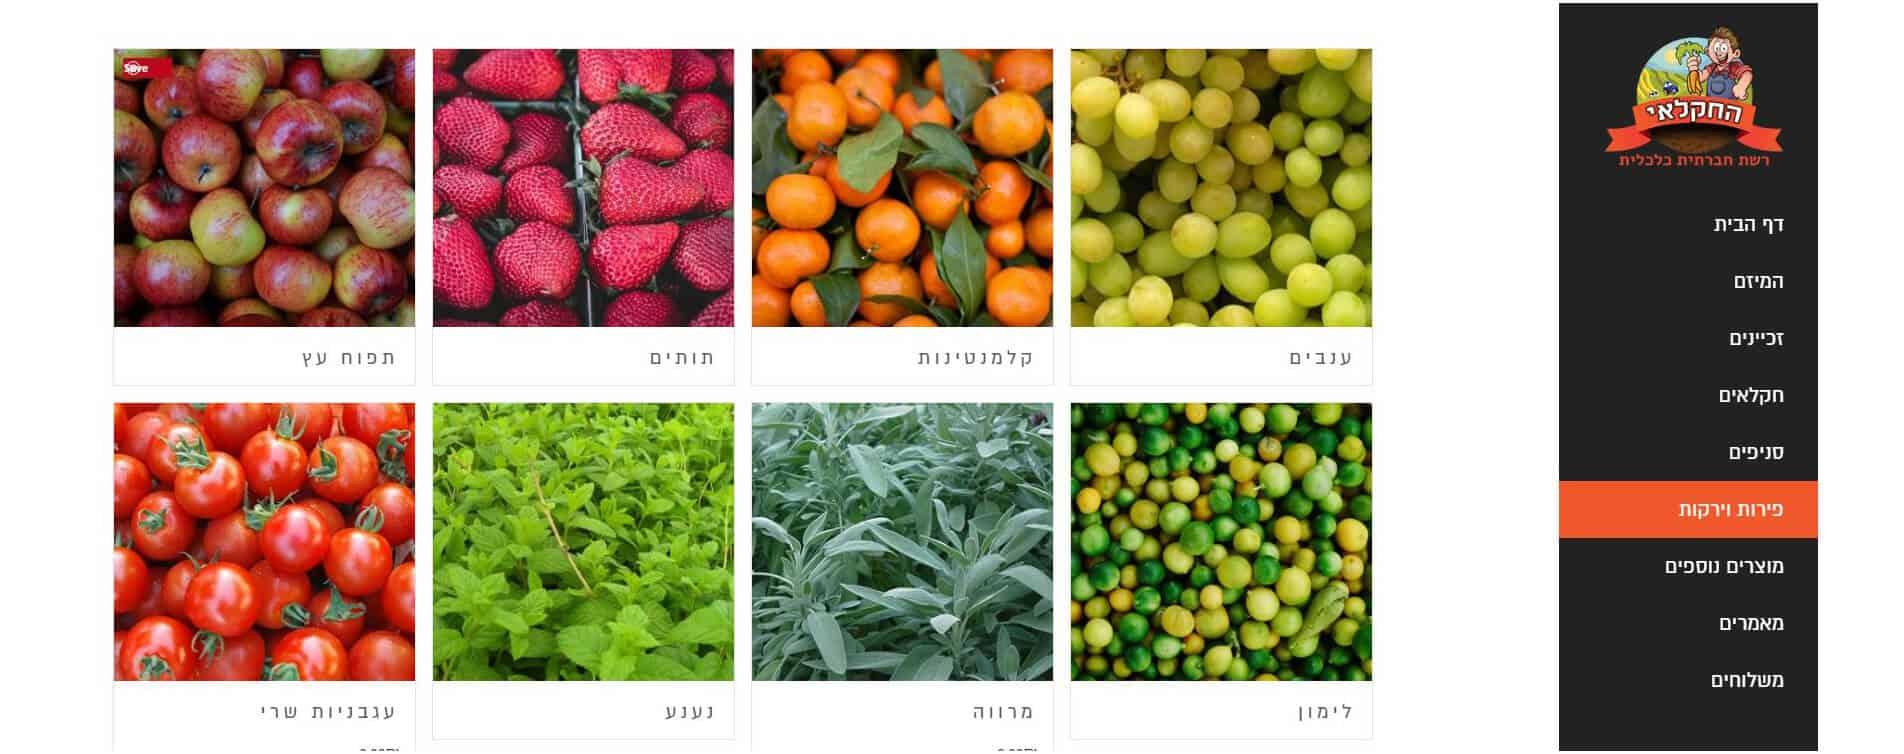 חנות רכישה online רשת החקלאי